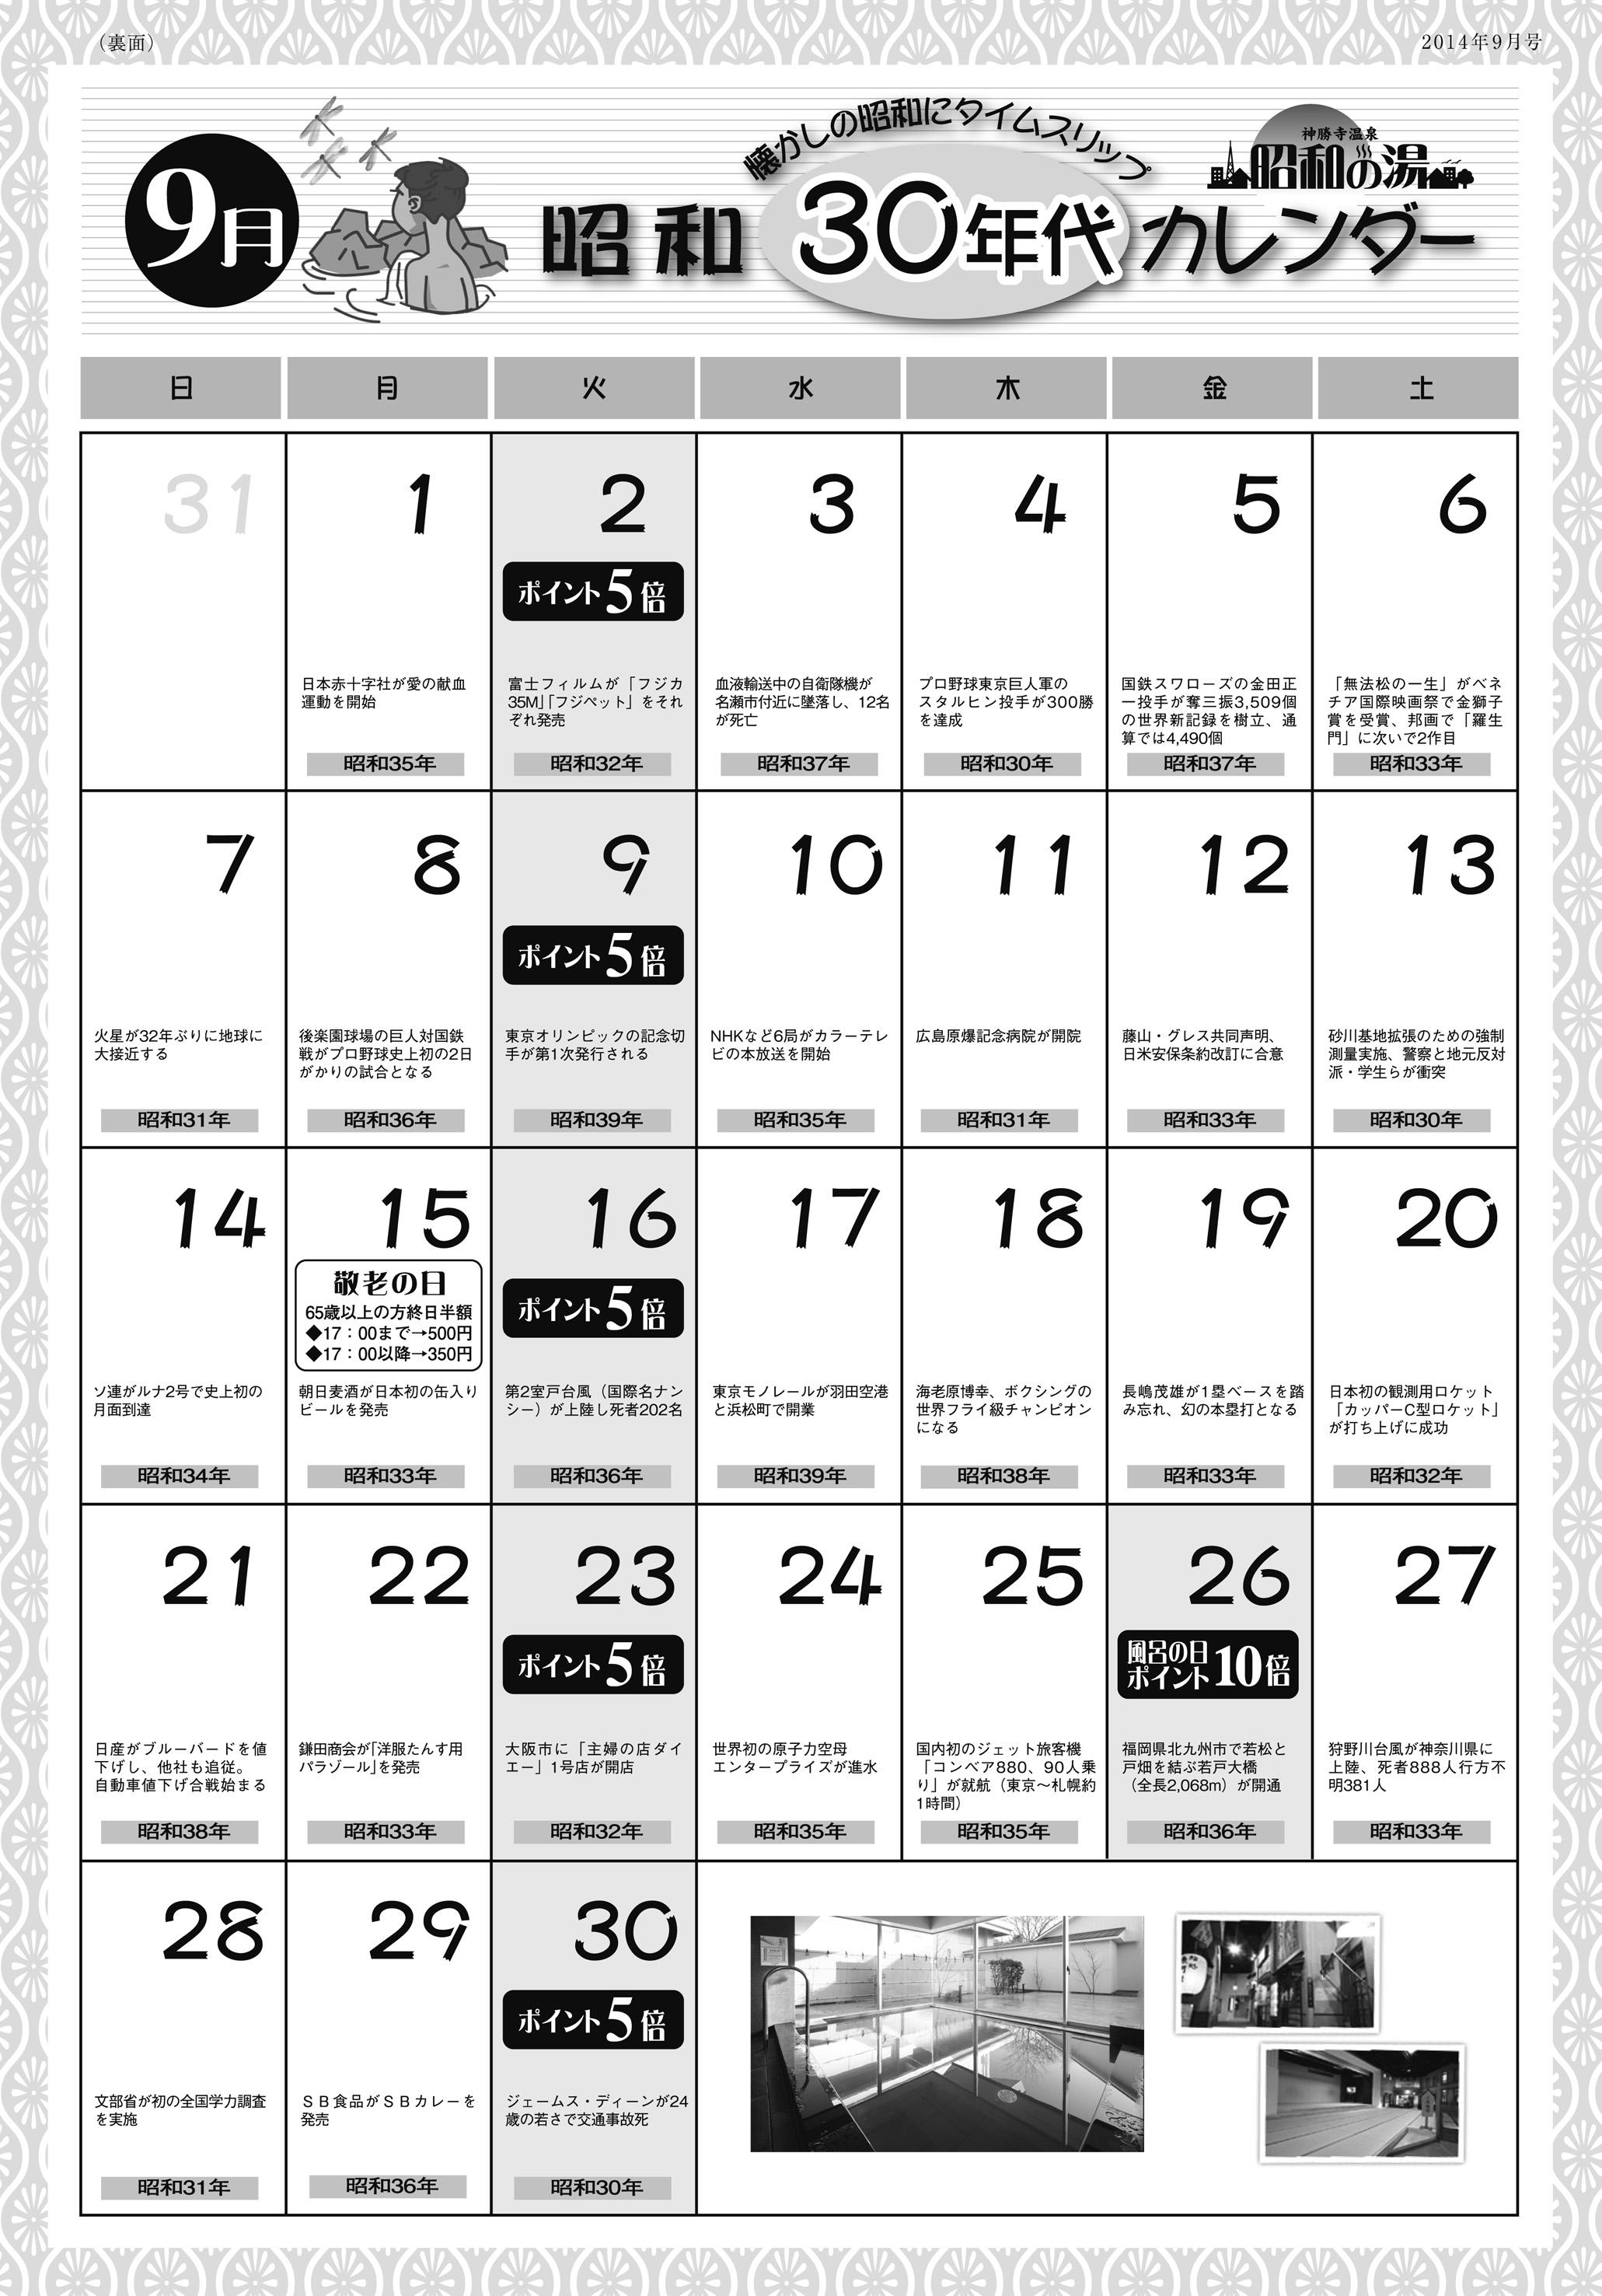 昭和の湯かわら版 イベントカレンダーと昭和の30年代にタイムスリップ!懐かしの出来事。